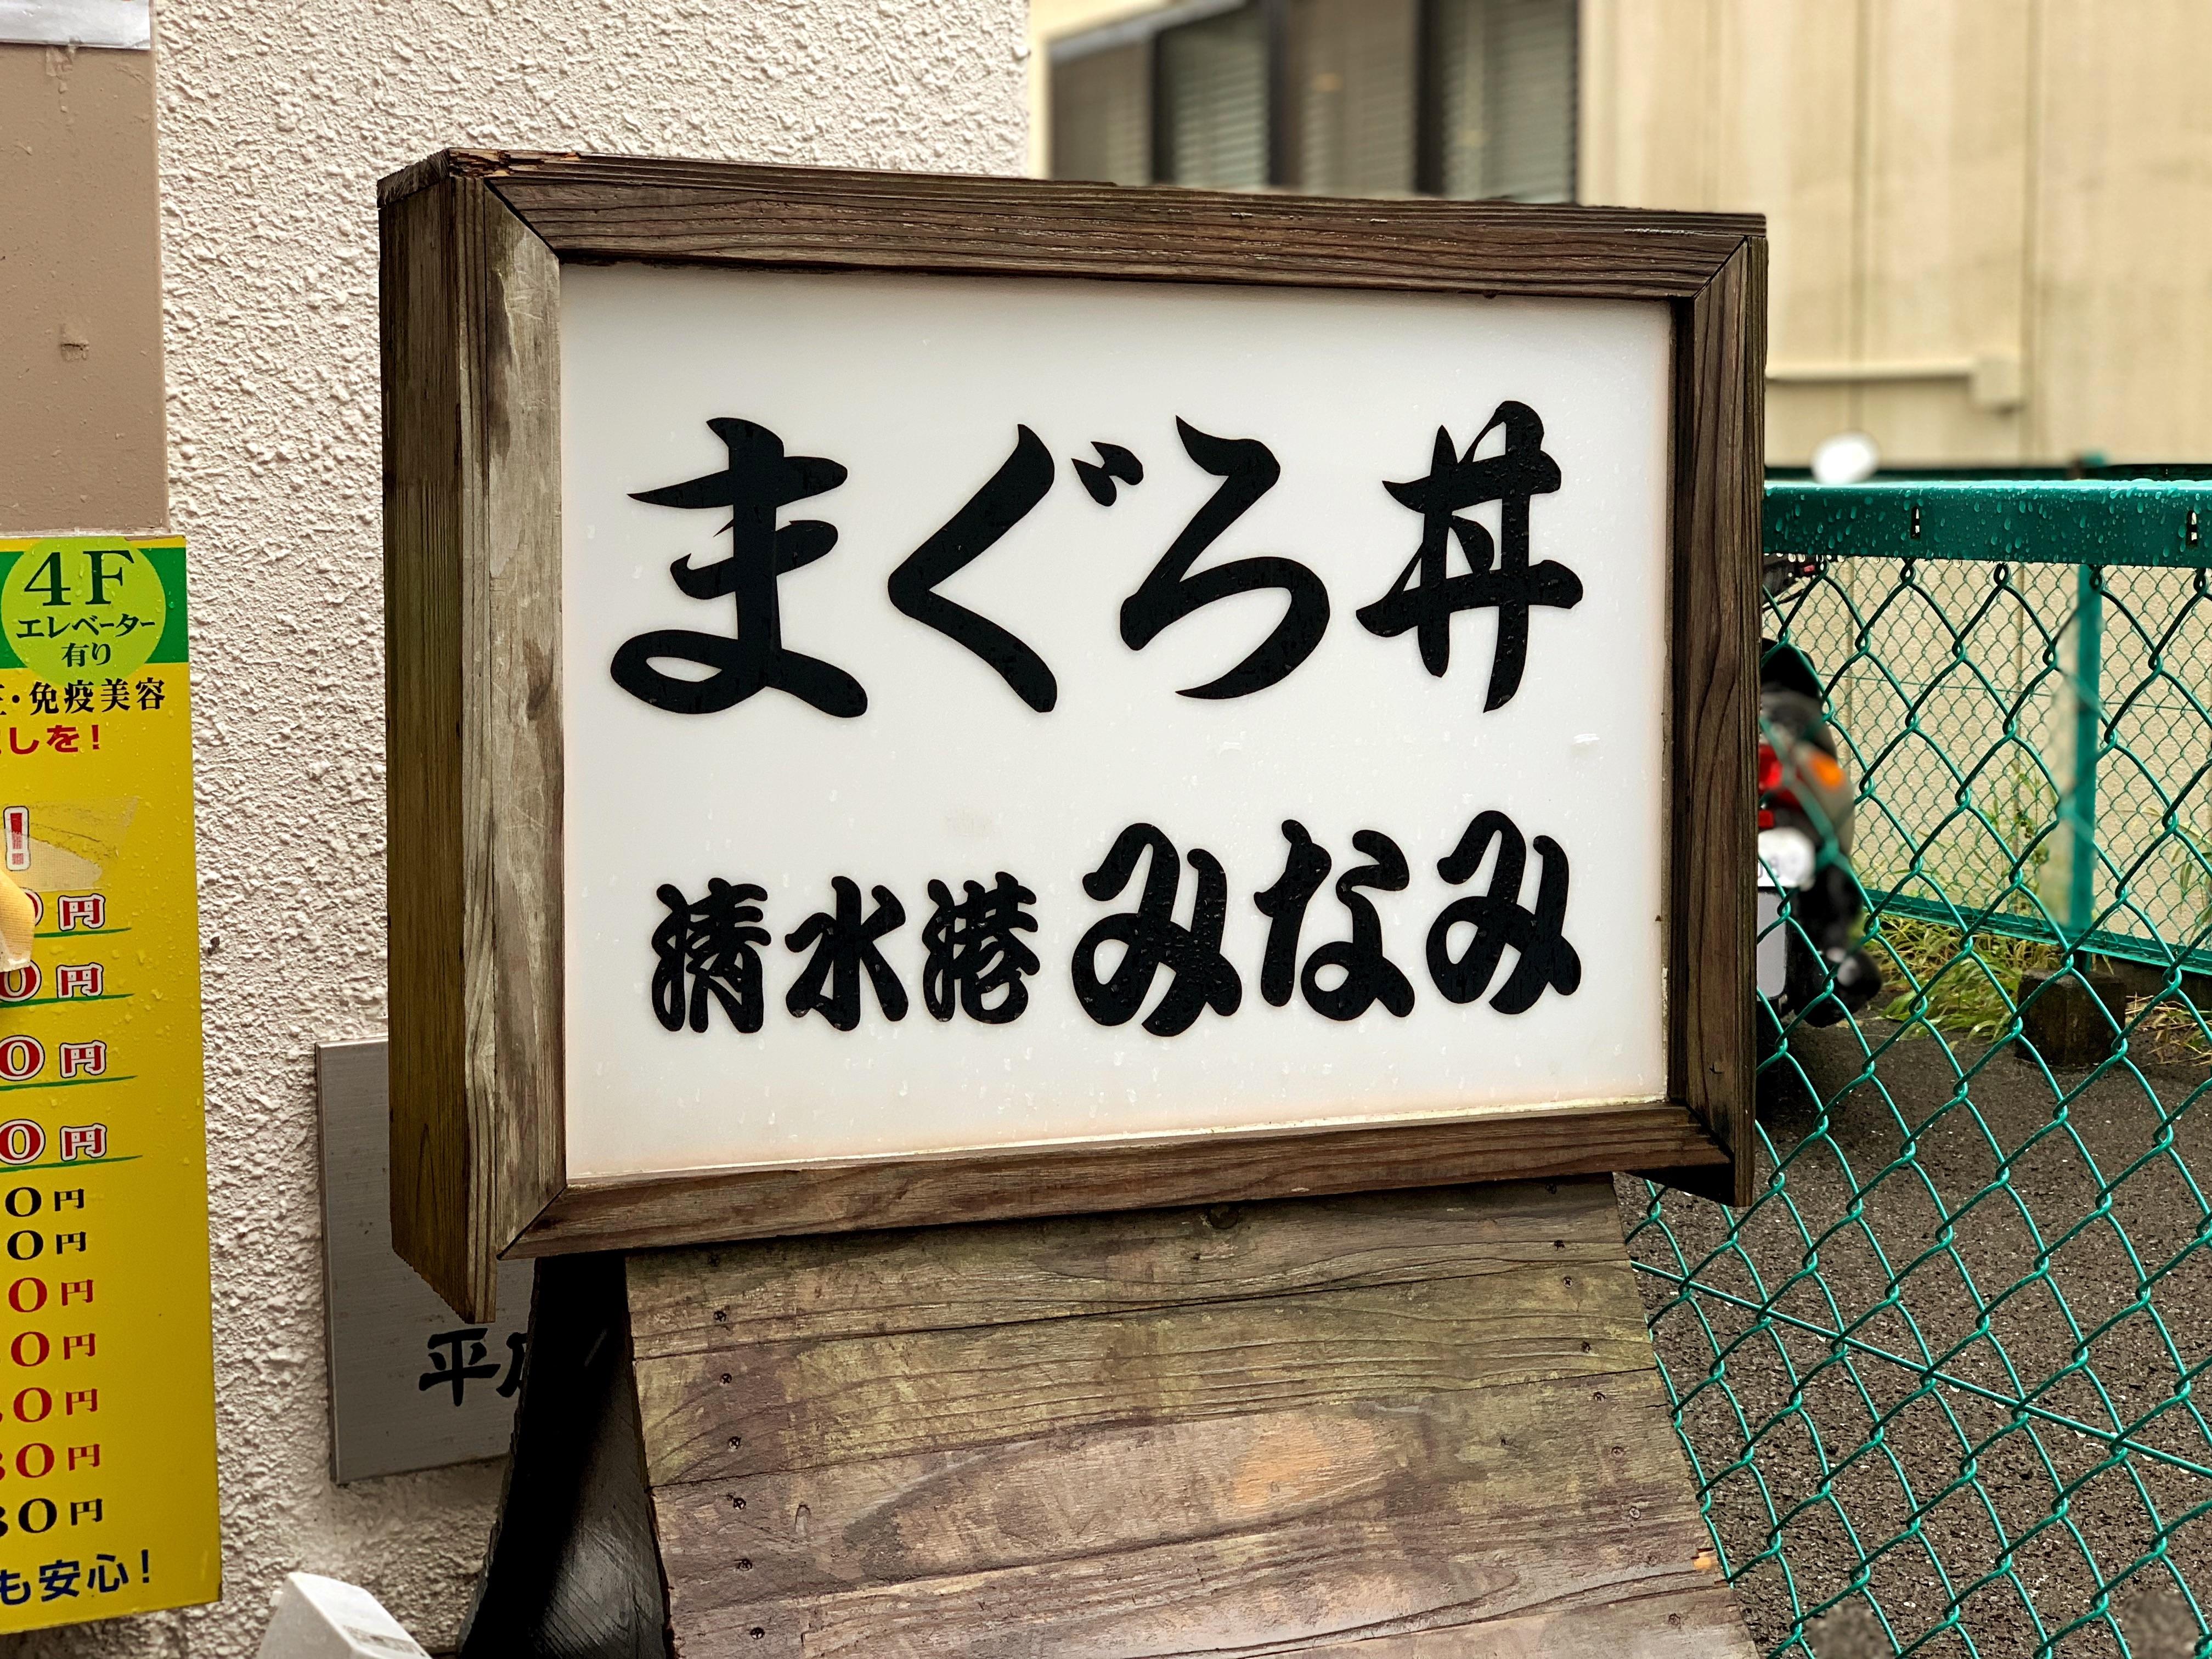 静岡駅周辺の大人気まぐろ丼専門店清水港みなみの看板